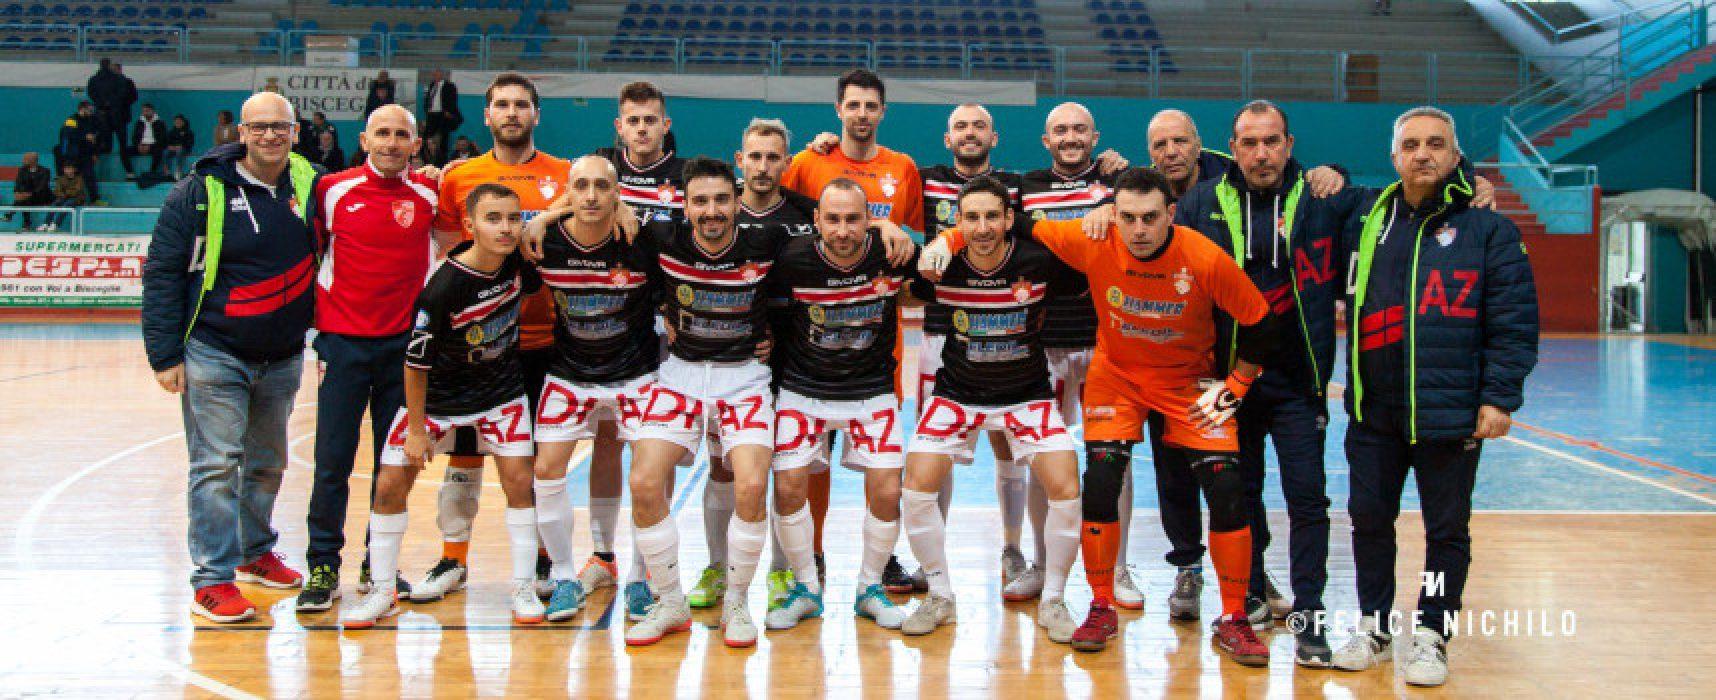 Diaz ospita L'Aquila, Futbol Cinco contro la vice capolista